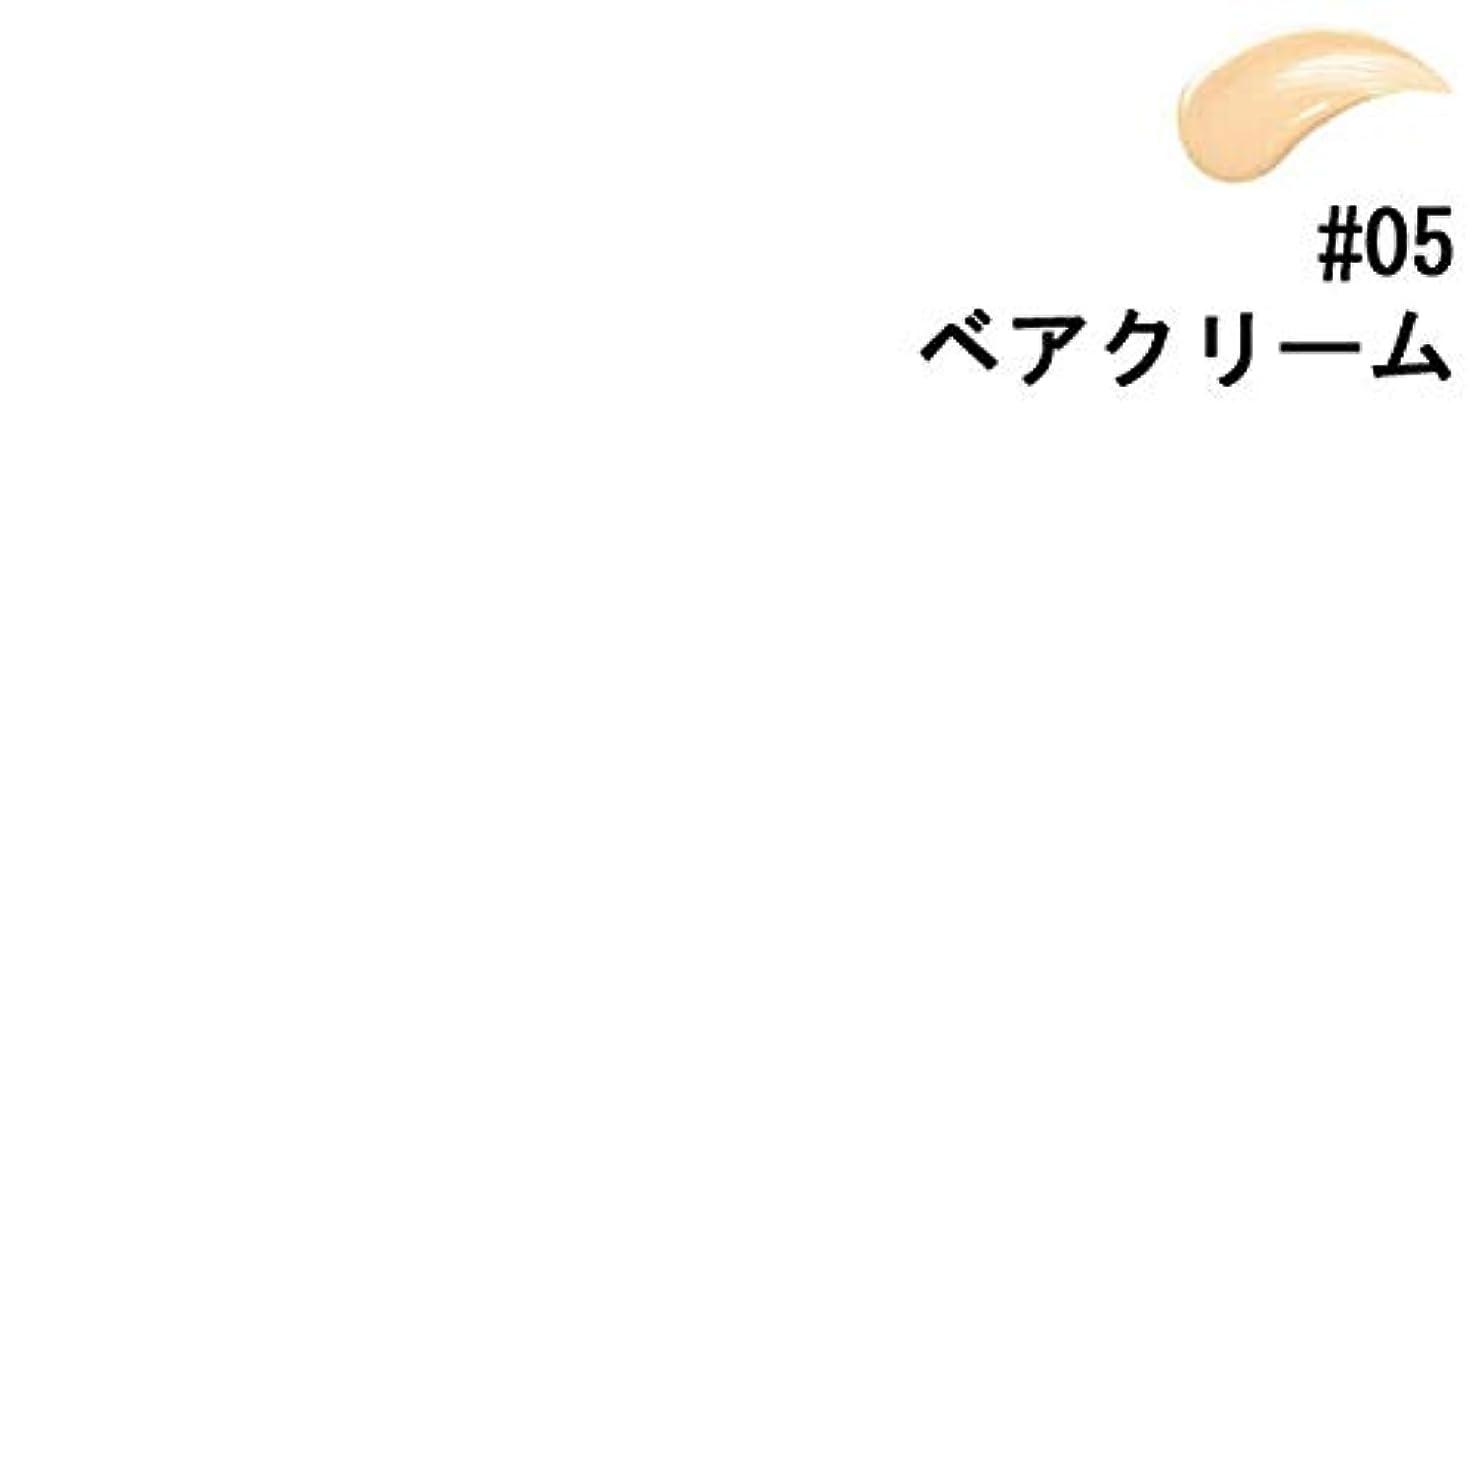 オークションキャップ企業【ベアミネラル】ベアミネラル ベア ファンデーション #05 ベアクリーム 30ml [並行輸入品]